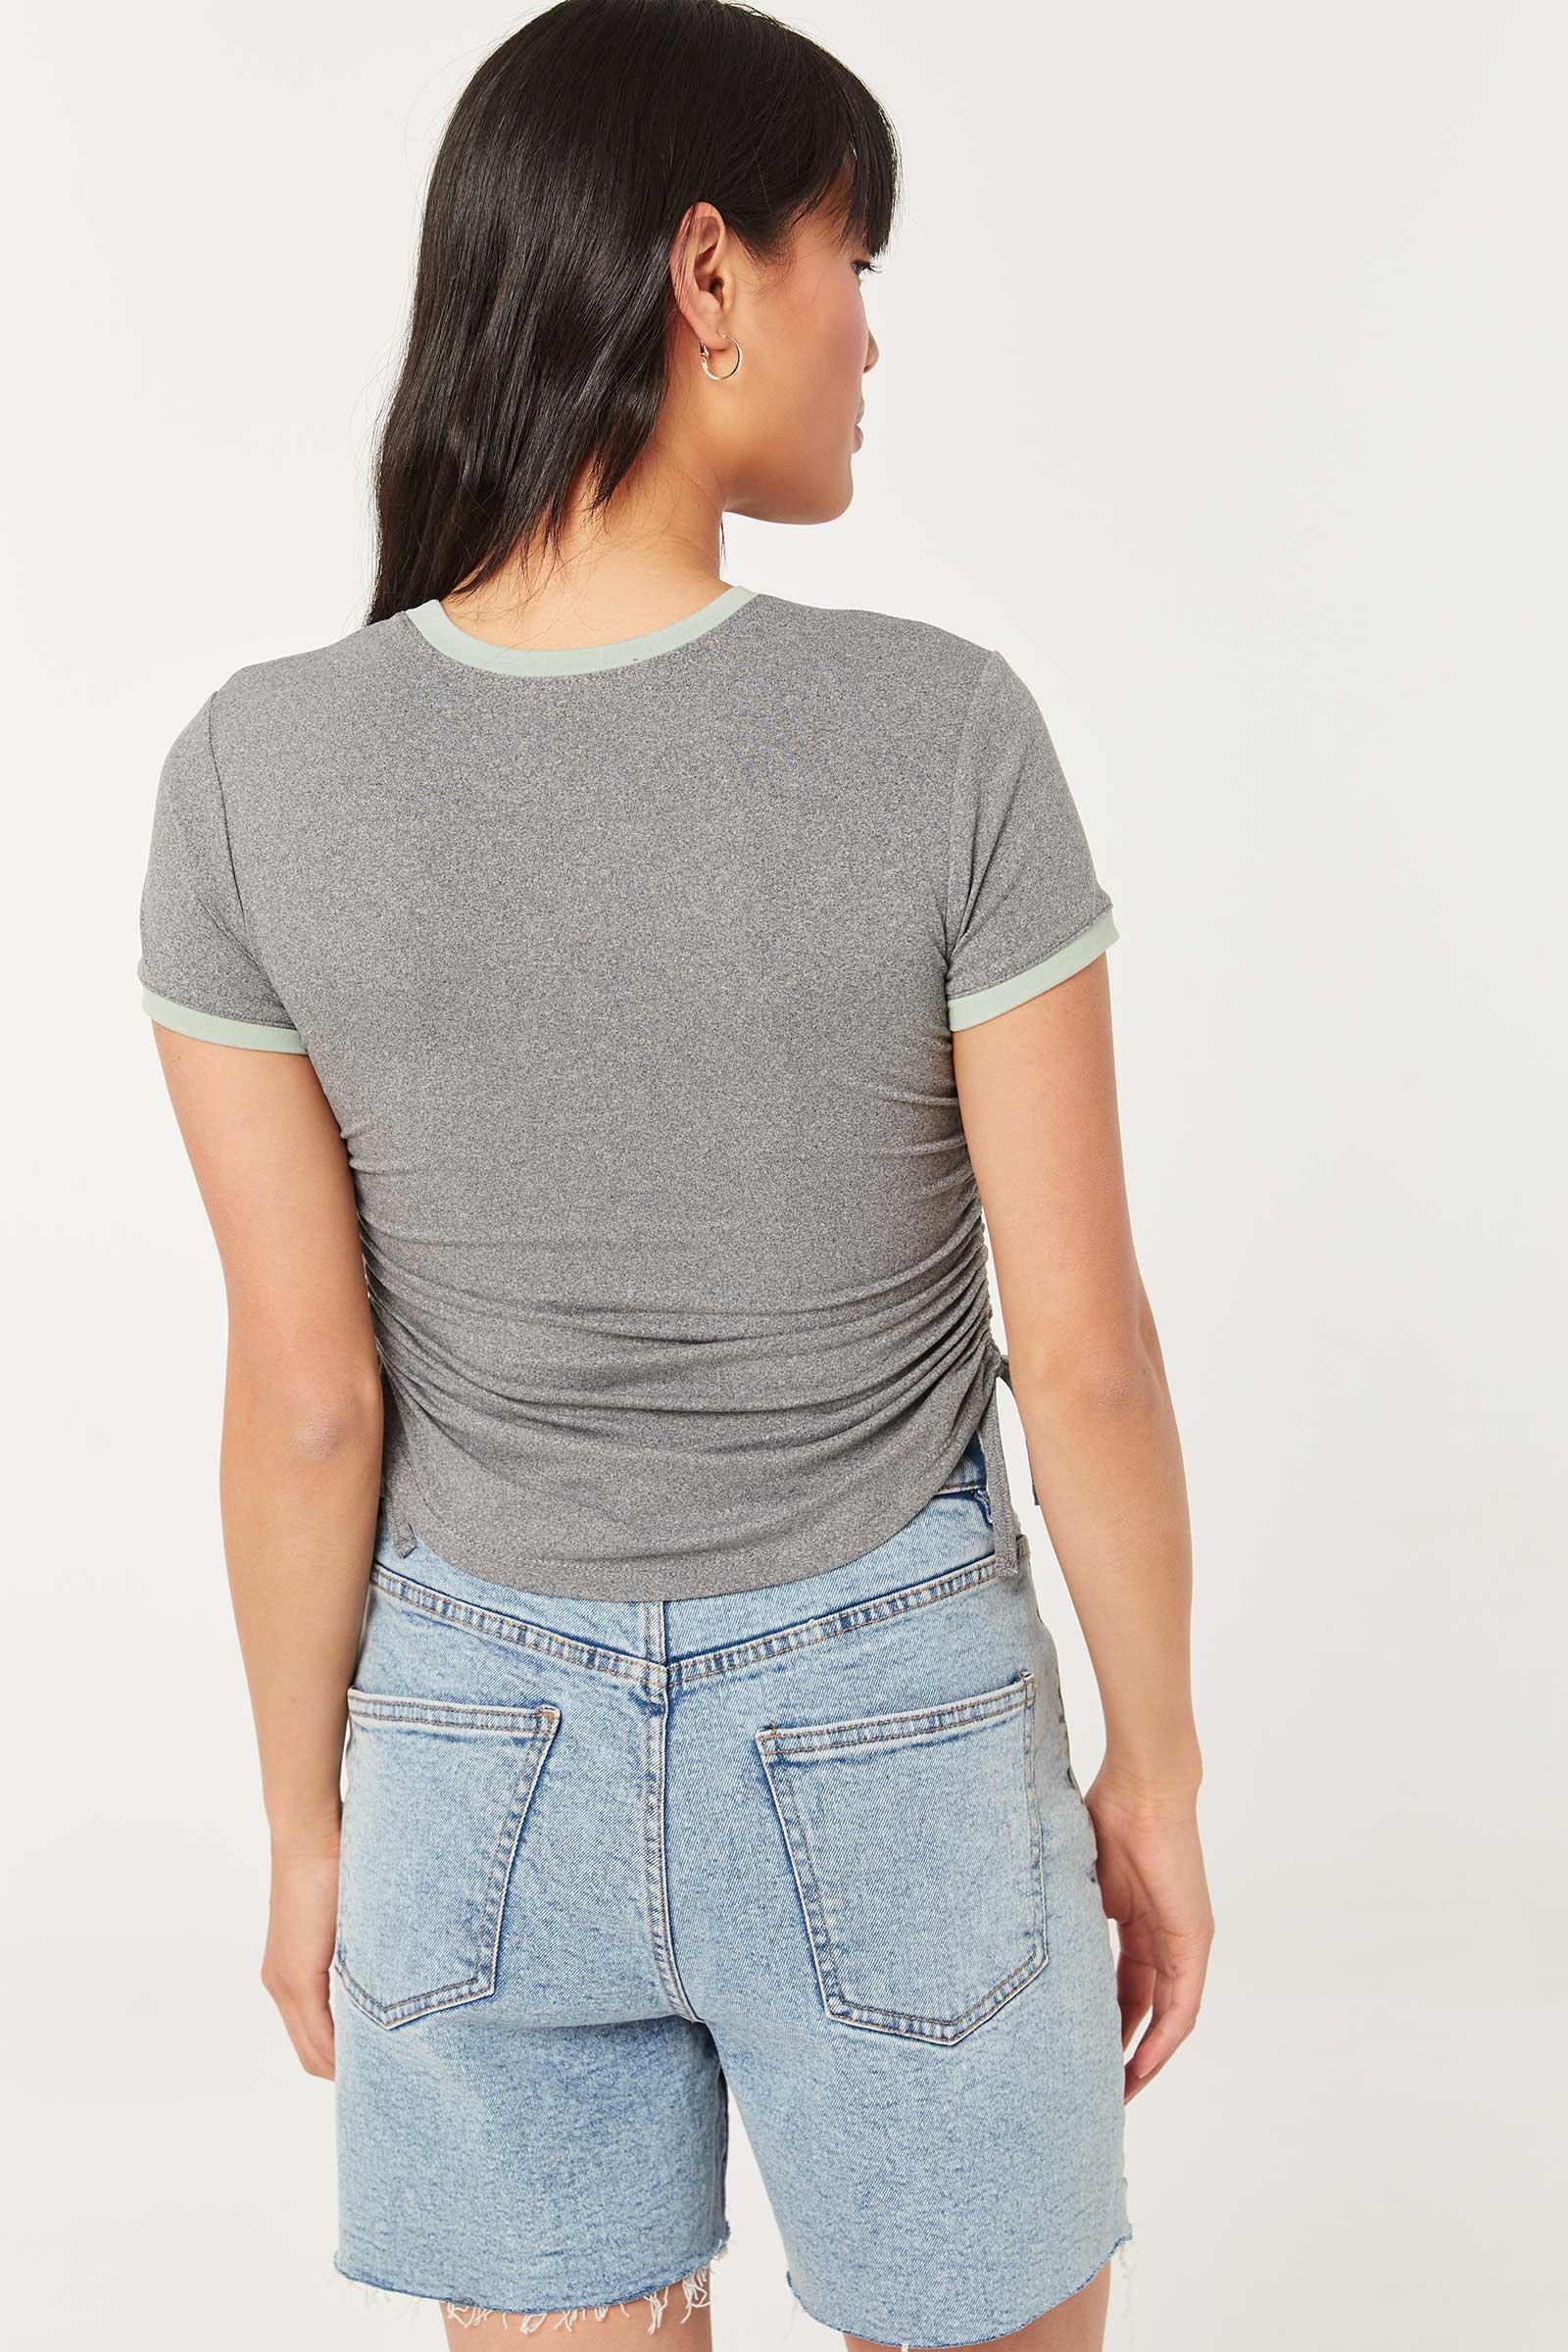 Yin-Yang T-shirt with Side Ruching